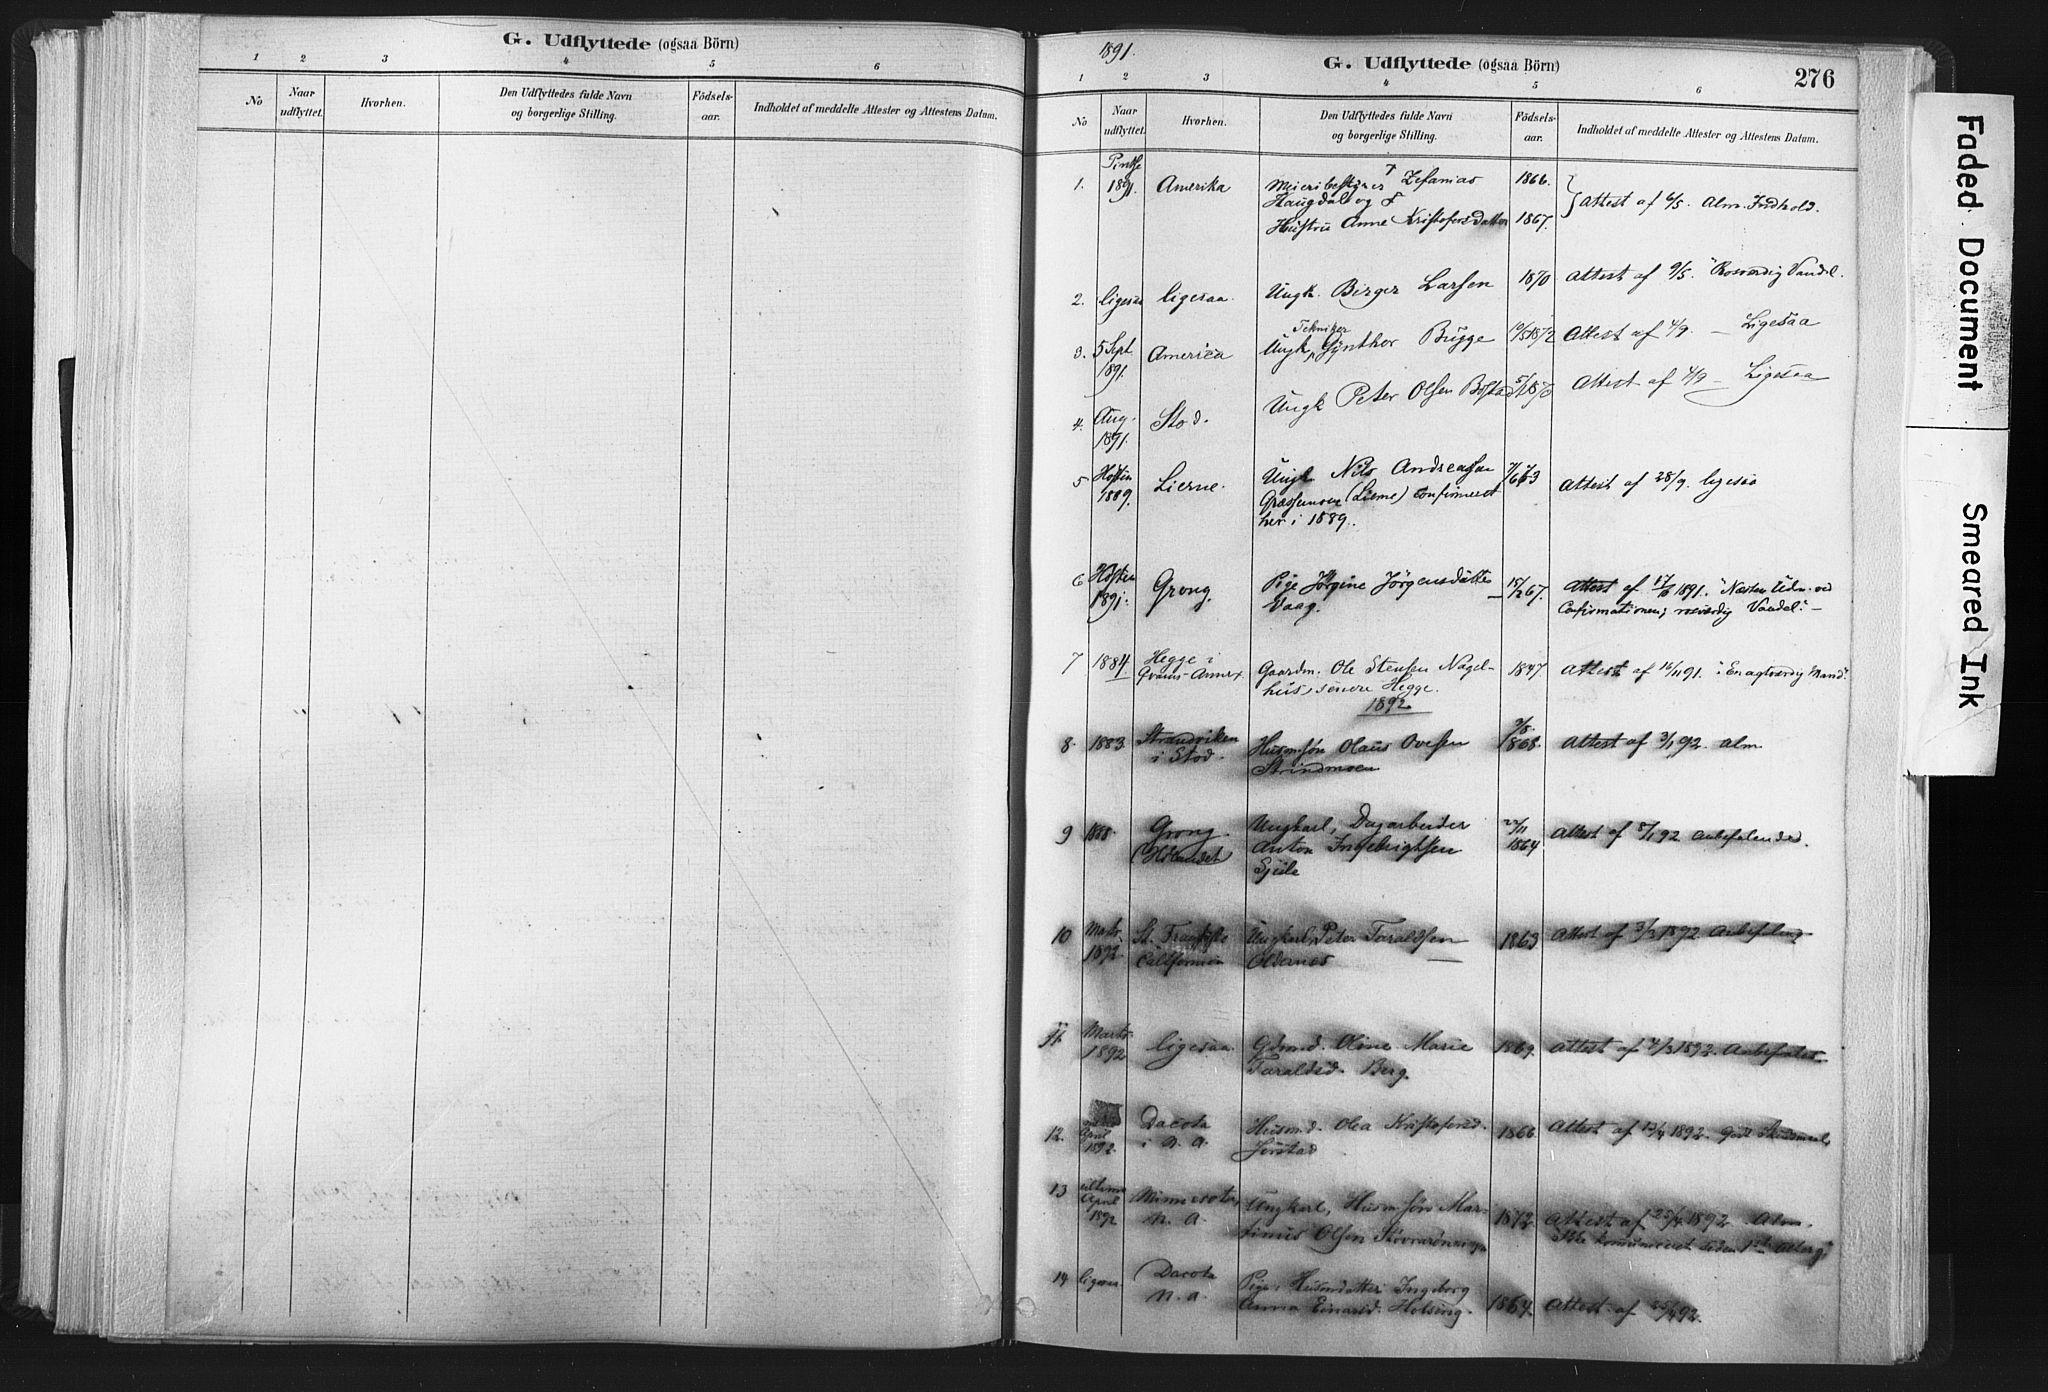 SAT, Ministerialprotokoller, klokkerbøker og fødselsregistre - Nord-Trøndelag, 749/L0474: Ministerialbok nr. 749A08, 1887-1903, s. 276